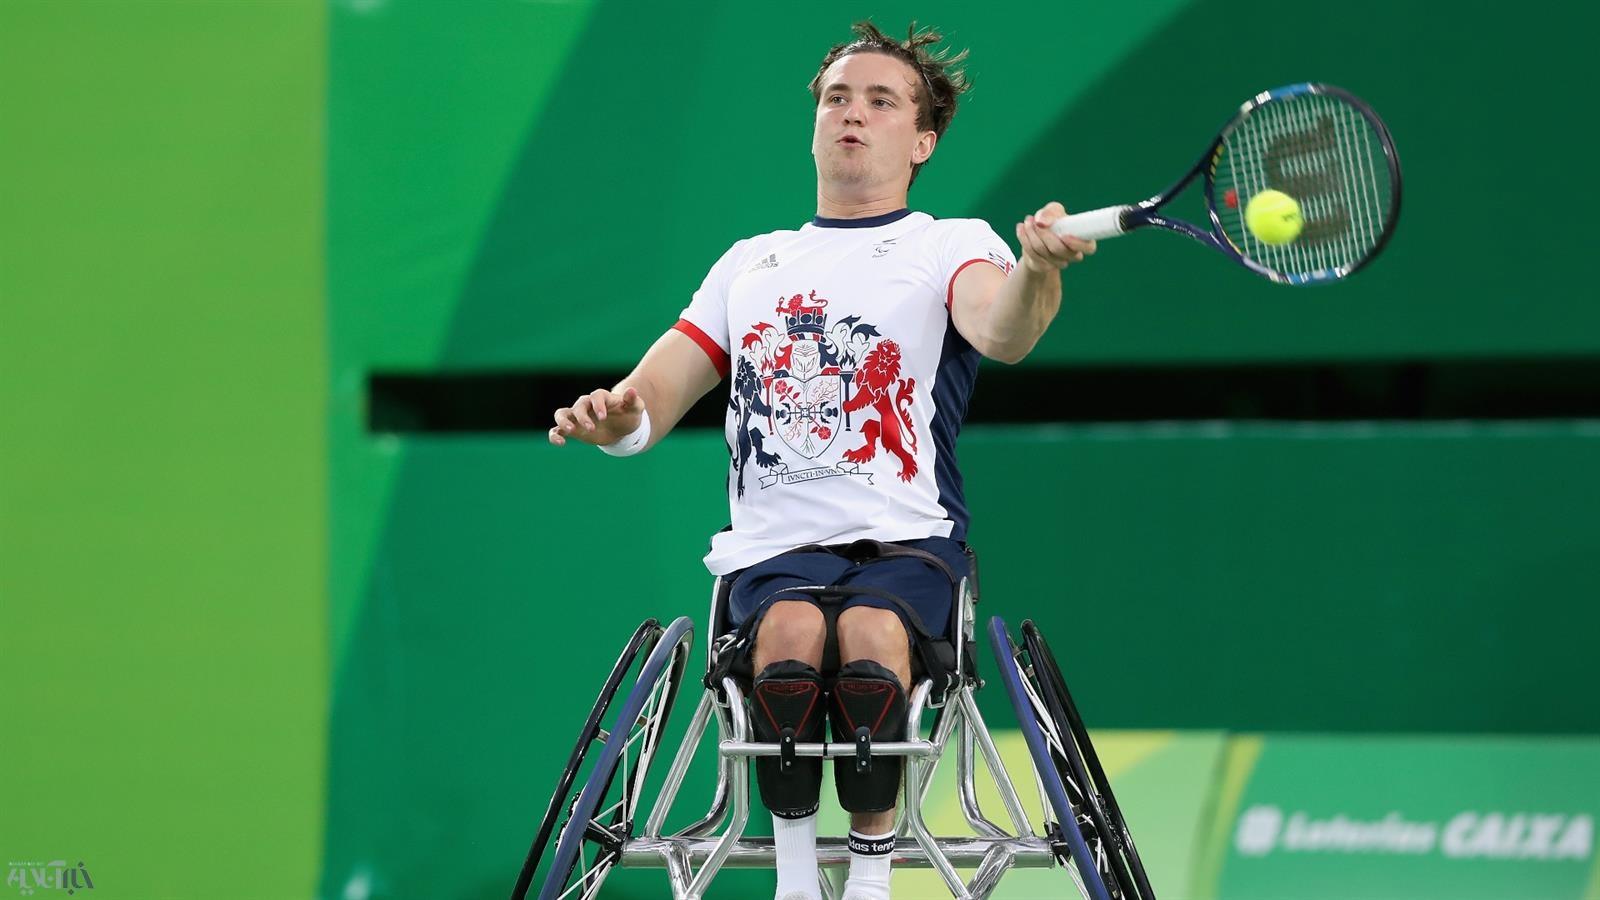 تصاویر | نهمین روز پارالمپیک ریو | سوارکار بدون پا و تیرانداز بدون دست